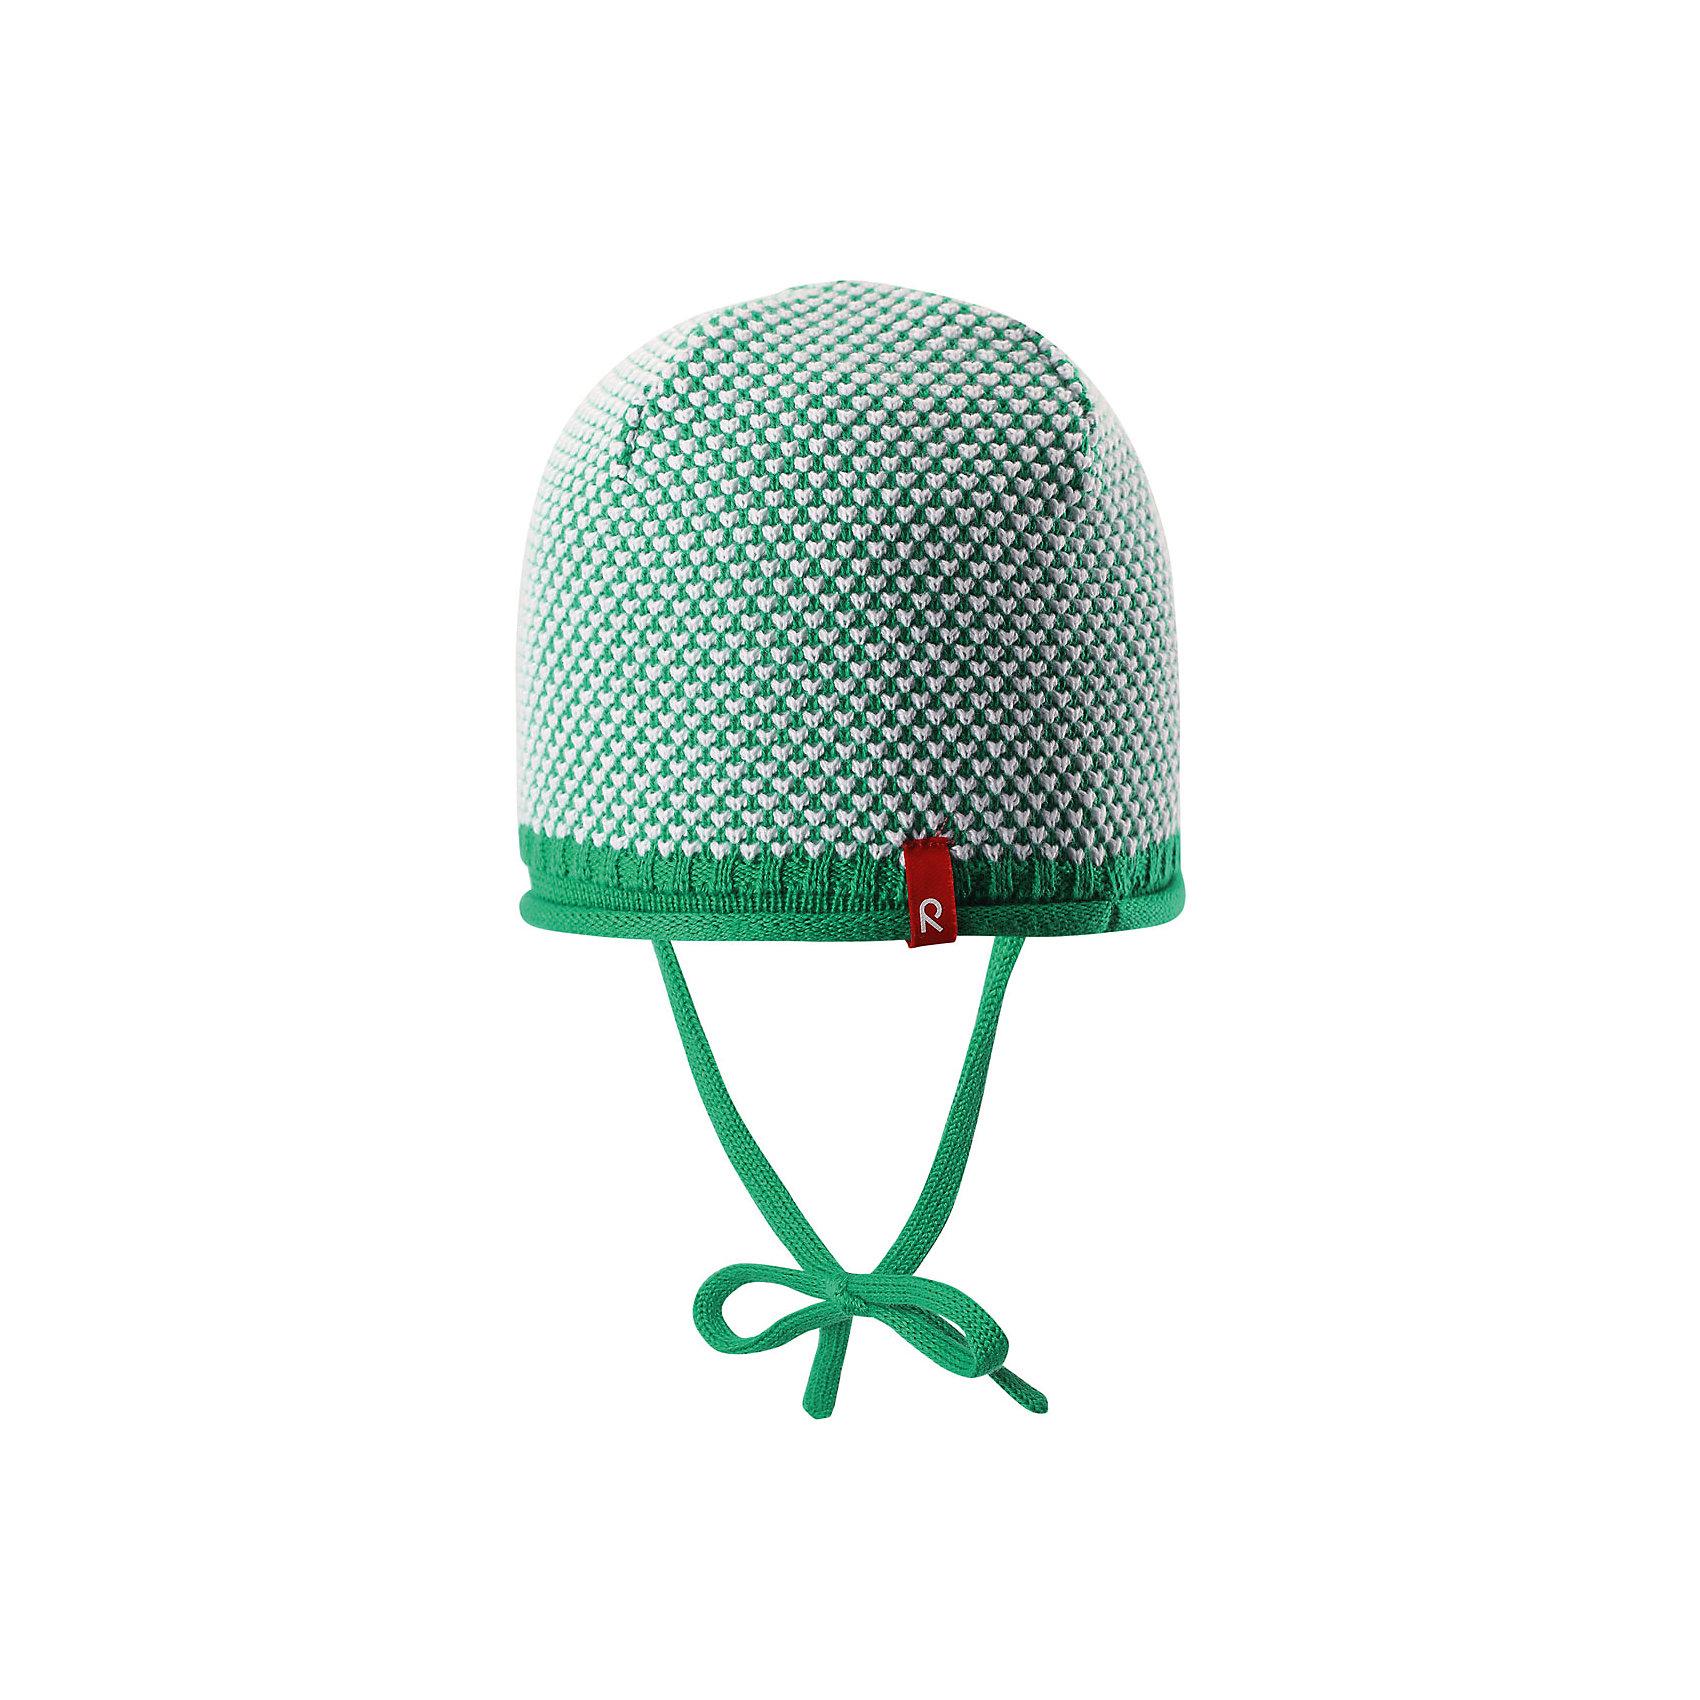 Шапка для мальчика ReimaШапки и шарфы<br>Характеристики товара:<br><br>• цвет: зелёный<br>• состав: 100% хлопок<br>• облегчённая модель без подкладки<br>• температурный режим: от +10С<br>• эластичный хлопковый трикотаж<br>• изделие сертифицированно по старндарту Oeko-Tex на продукцию класса 1 - одежда для новорожденных<br>• завязки во всех размерах<br>• эмблема Reima спереди<br>• декоративная структурная вязка<br>• страна бренда: Финляндия<br>• страна производства: Китай<br><br>Детский головной убор может быть модным и удобным одновременно! Стильная шапка поможет обеспечить ребенку комфорт и дополнить наряд. Шапка удобно сидит и аккуратно выглядит. Проста в уходе, долго служит. Стильный дизайн разрабатывался специально для детей. Отличная защита от дождя и ветра!<br><br>Уход:<br><br>• стирать по отдельности, вывернув наизнанку<br>• придать первоначальную форму вo влажном виде<br>• возможна усадка 5 %.<br><br>Шапку для мальчика от финского бренда Reima (Рейма) можно купить в нашем интернет-магазине.<br><br>Ширина мм: 89<br>Глубина мм: 117<br>Высота мм: 44<br>Вес г: 155<br>Цвет: зеленый<br>Возраст от месяцев: 6<br>Возраст до месяцев: 9<br>Пол: Мужской<br>Возраст: Детский<br>Размер: 46,48,50,52<br>SKU: 5270906